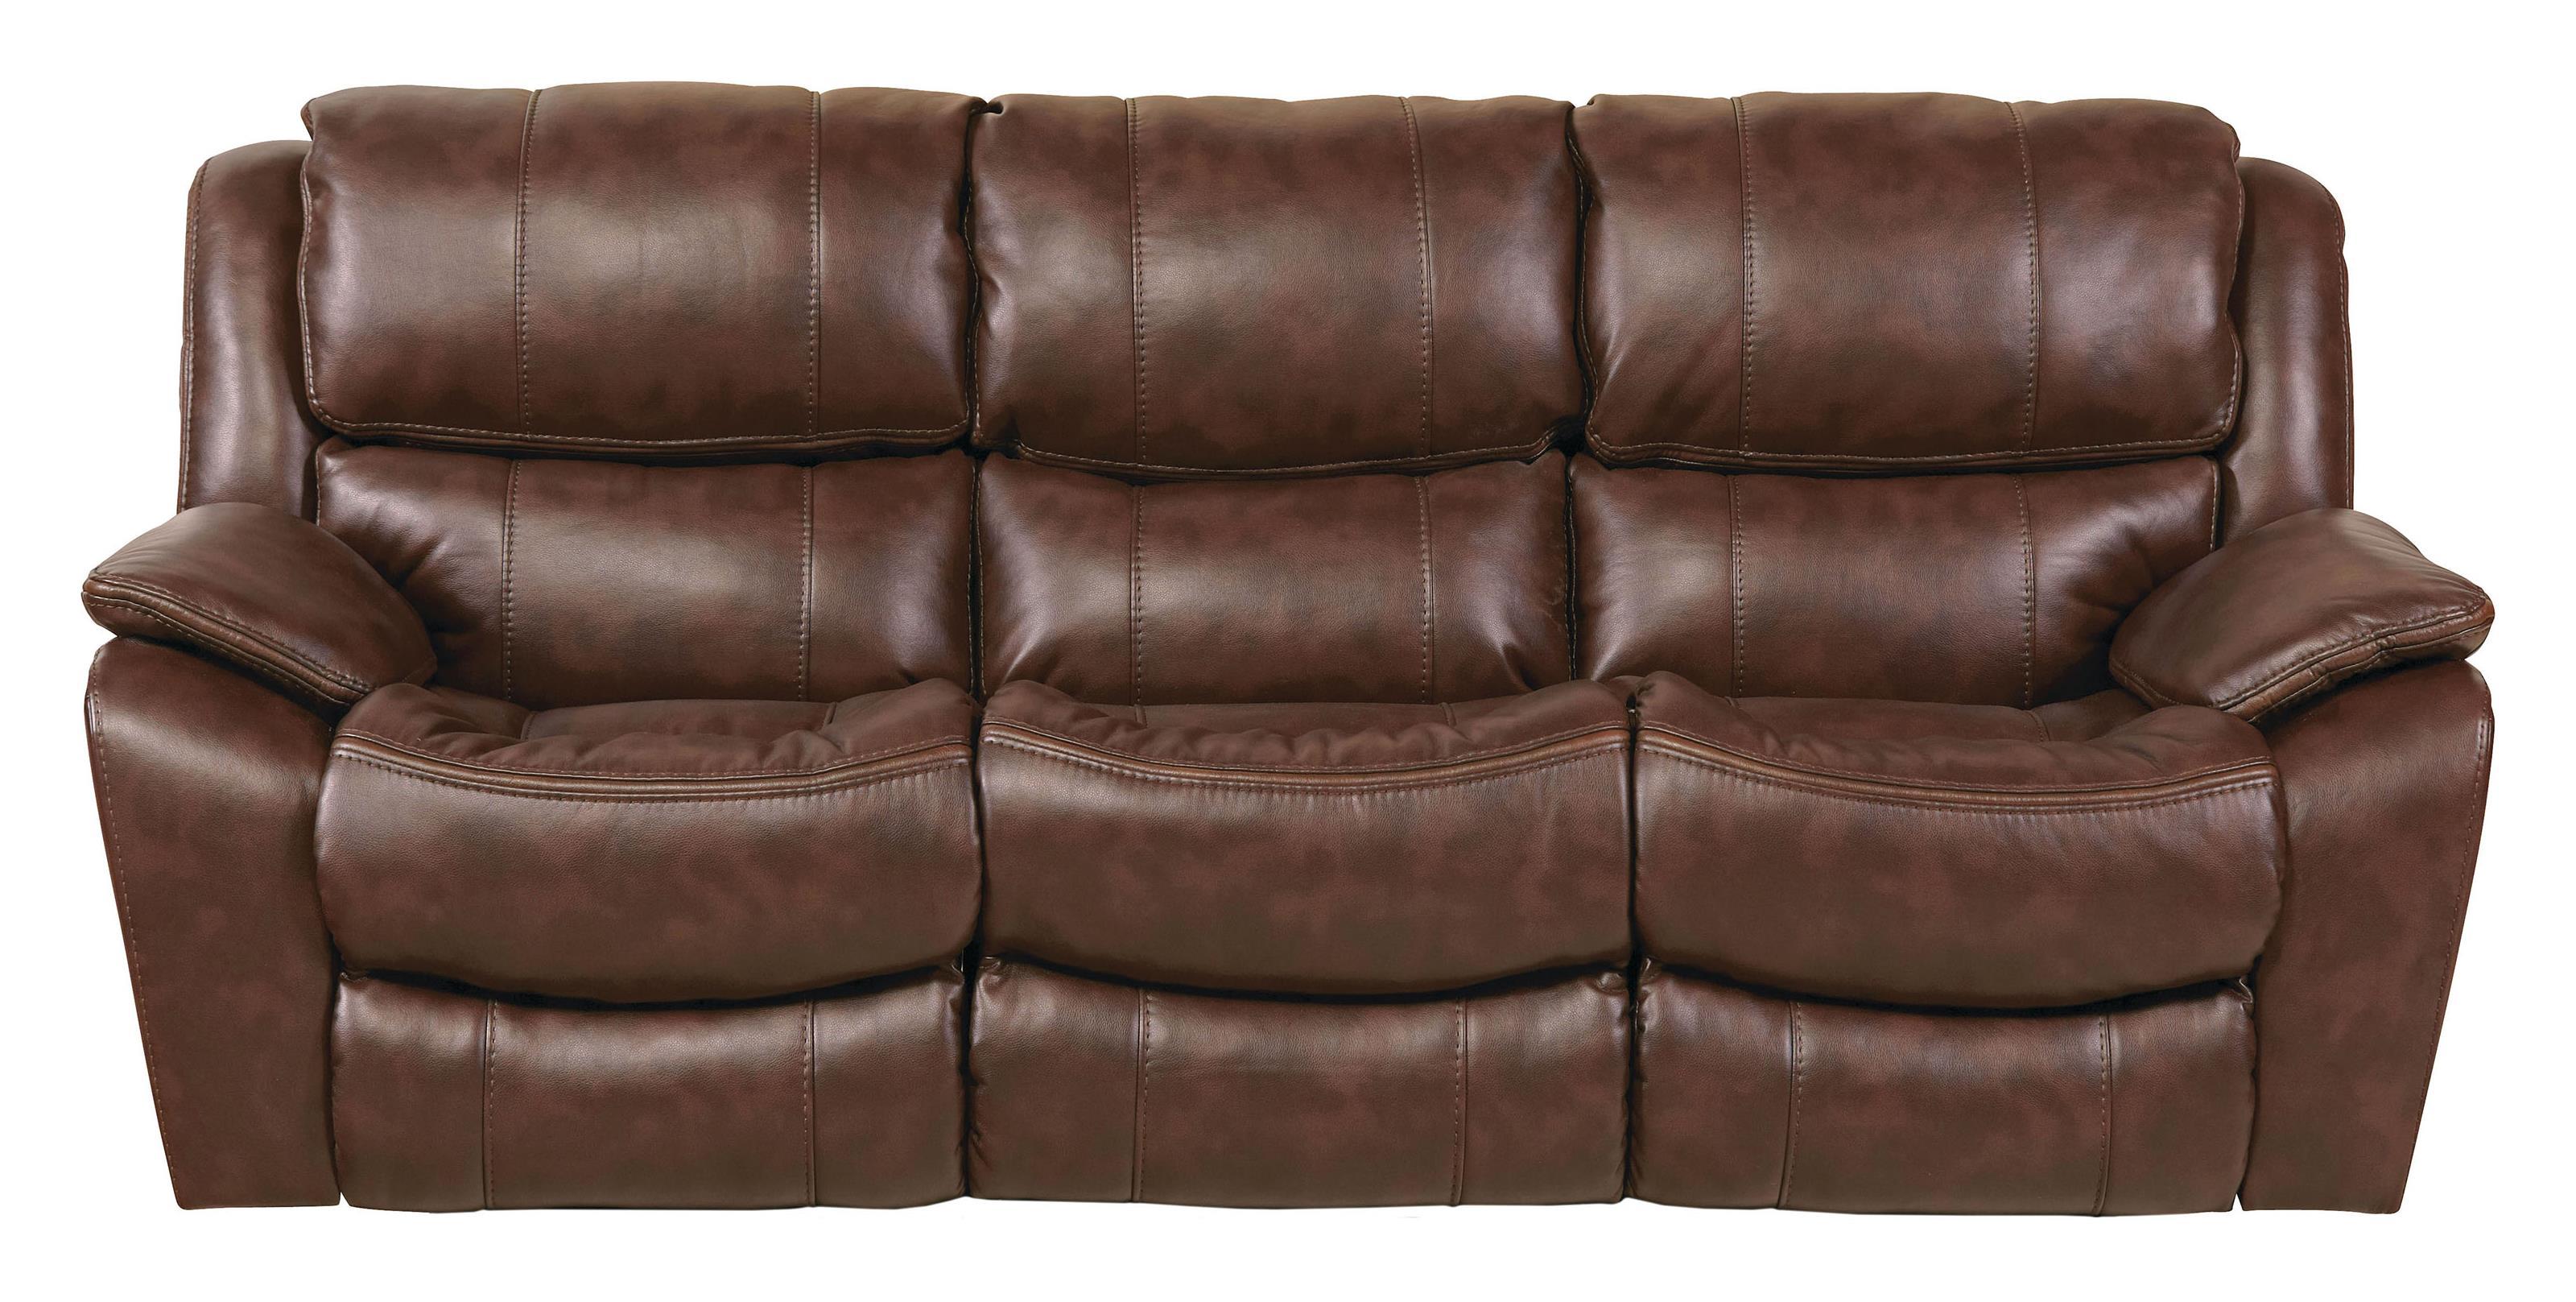 Superior Catnapper Beckett Reclining Sofa